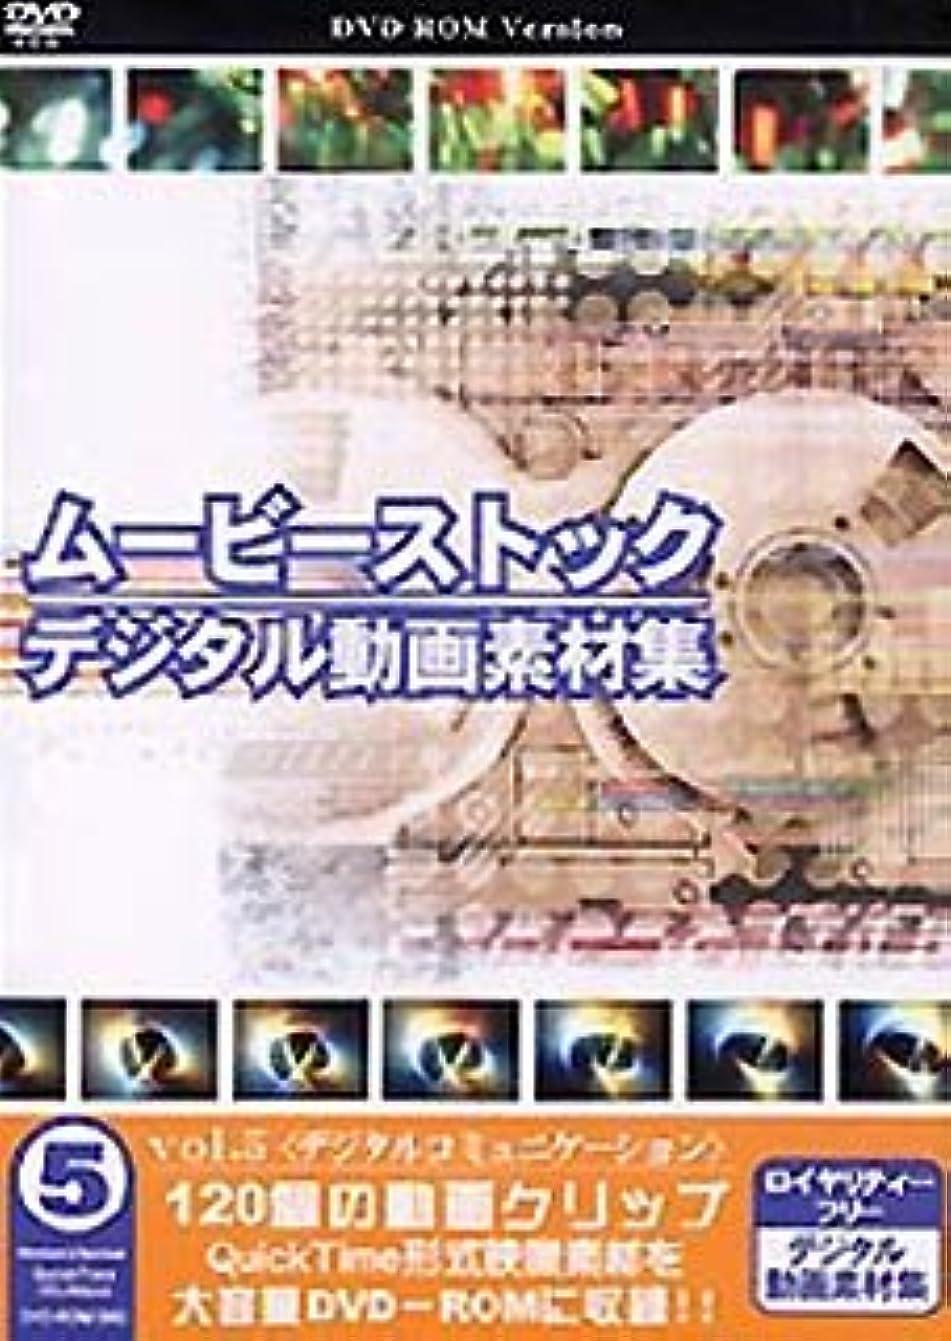 遠征教科書望ましいムービーストック Vol.5 デジタルコミュニケーション